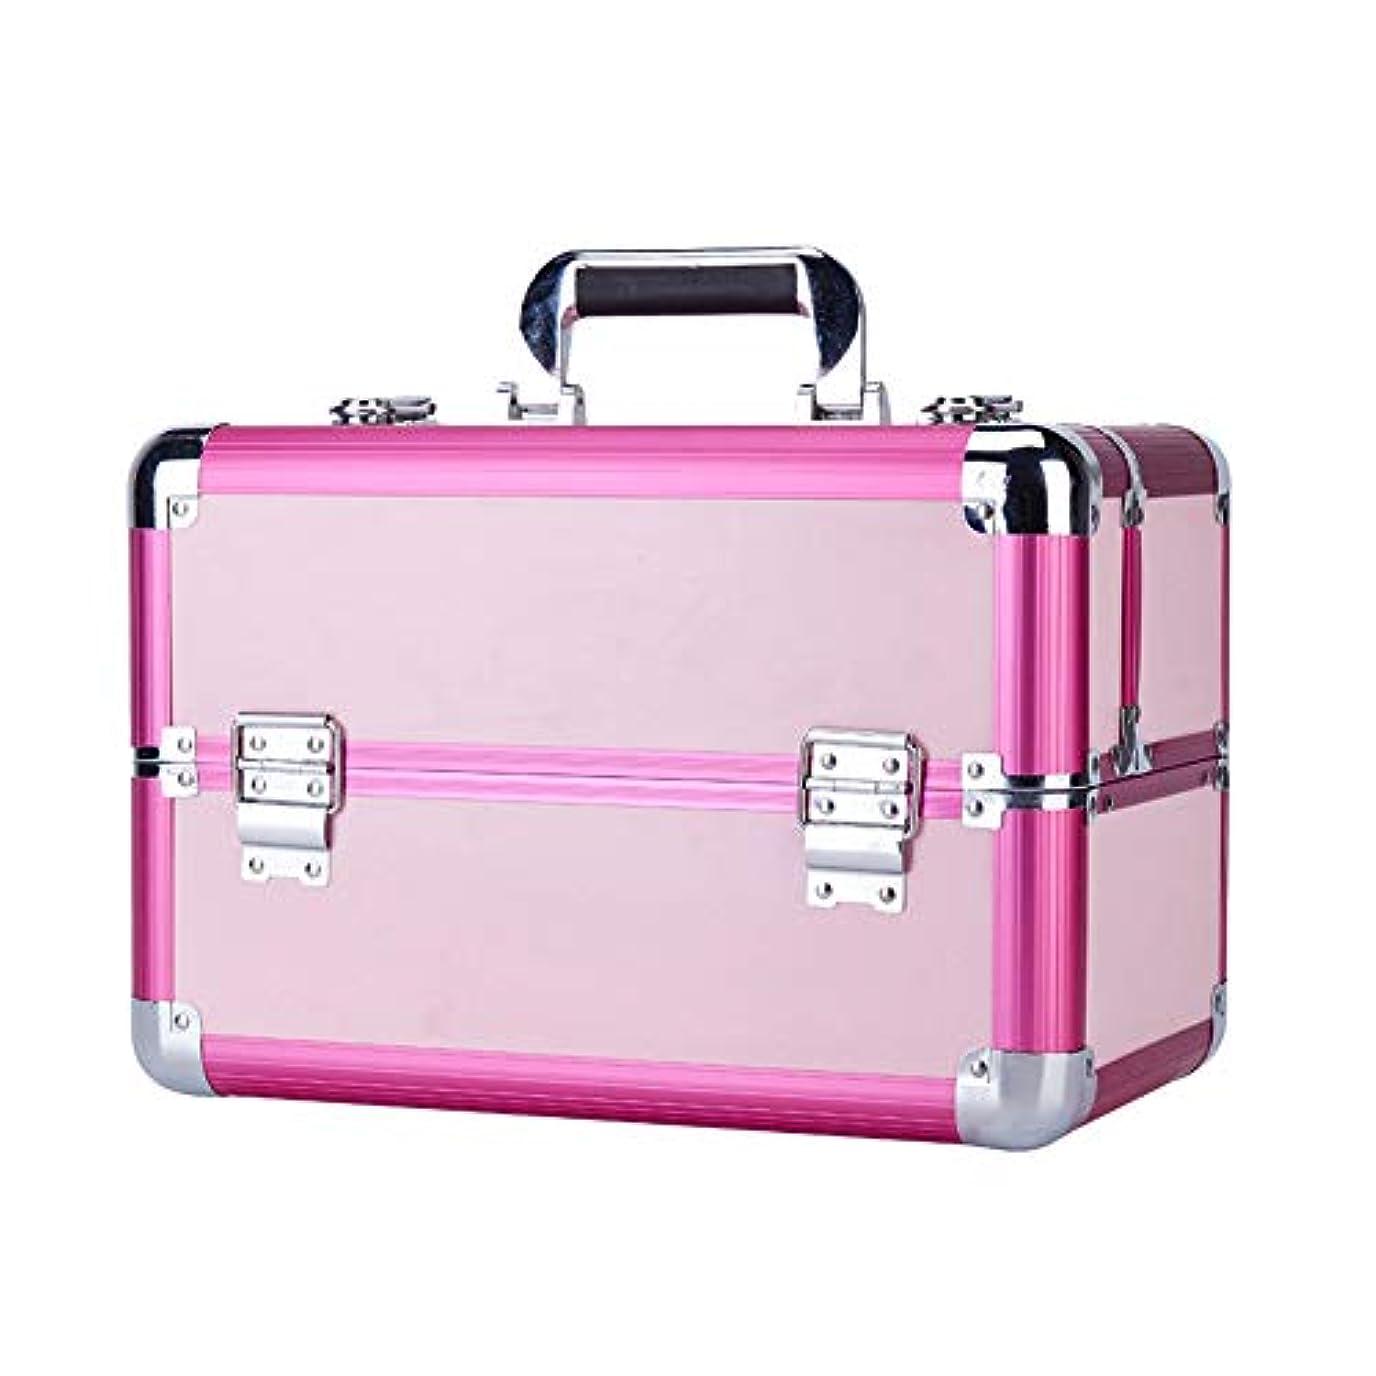 天合金クリスマス特大スペース収納ビューティーボックス 美の構造のためそしてジッパーおよび折る皿が付いている女の子の女性旅行そして毎日の貯蔵のための高容量の携帯用化粧品袋 化粧品化粧台 (色 : ピンク)